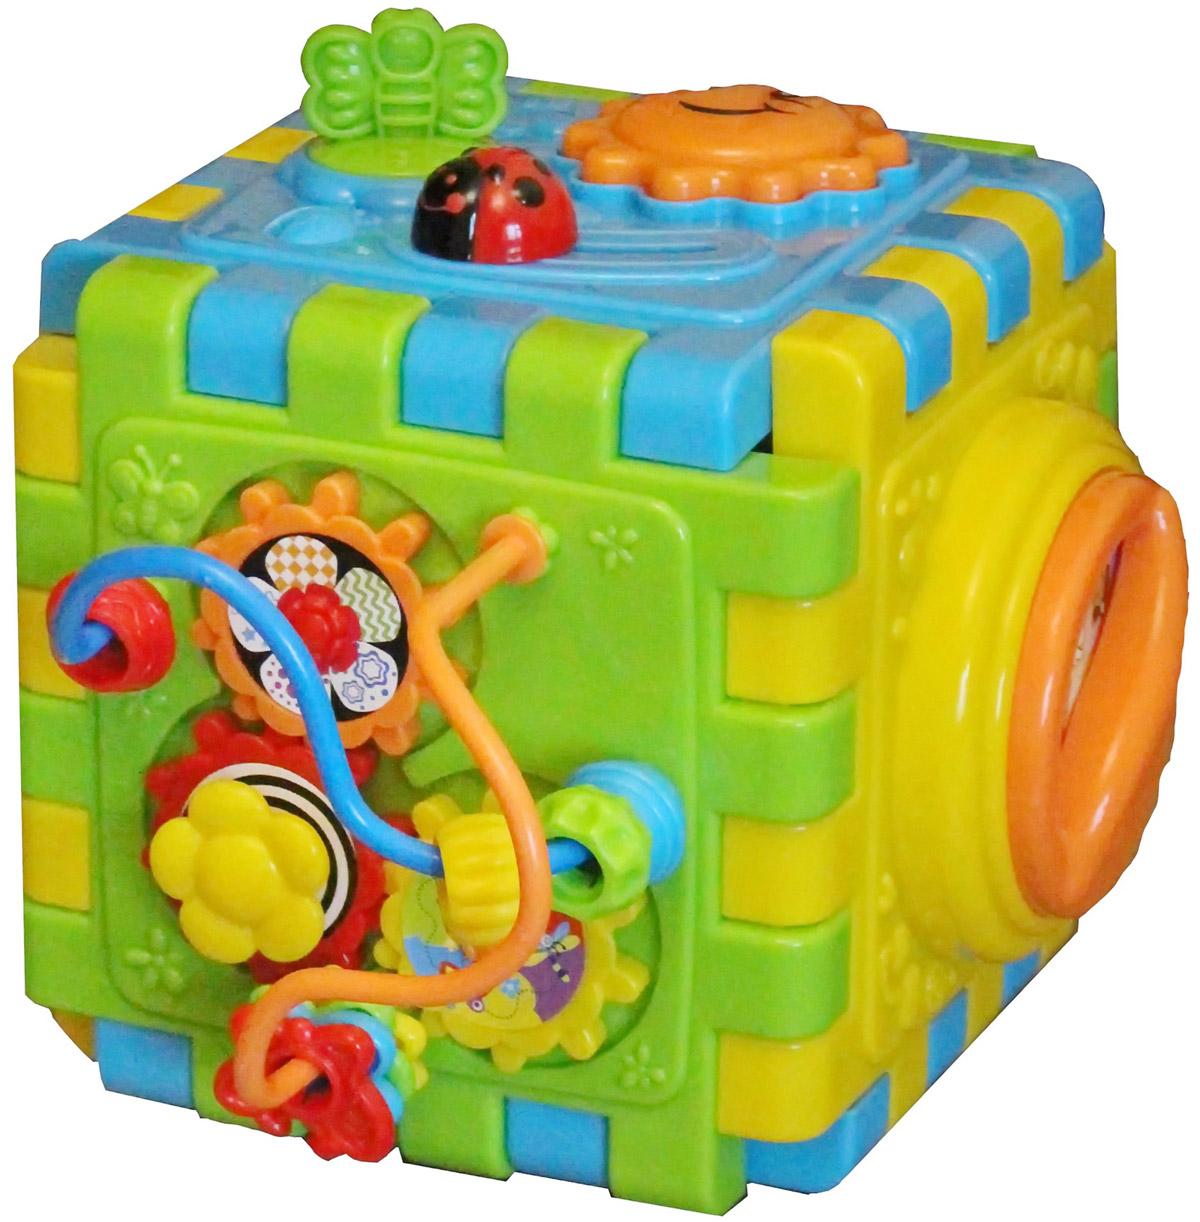 Playgo Развивающая игрушка Развивающий куб 2144